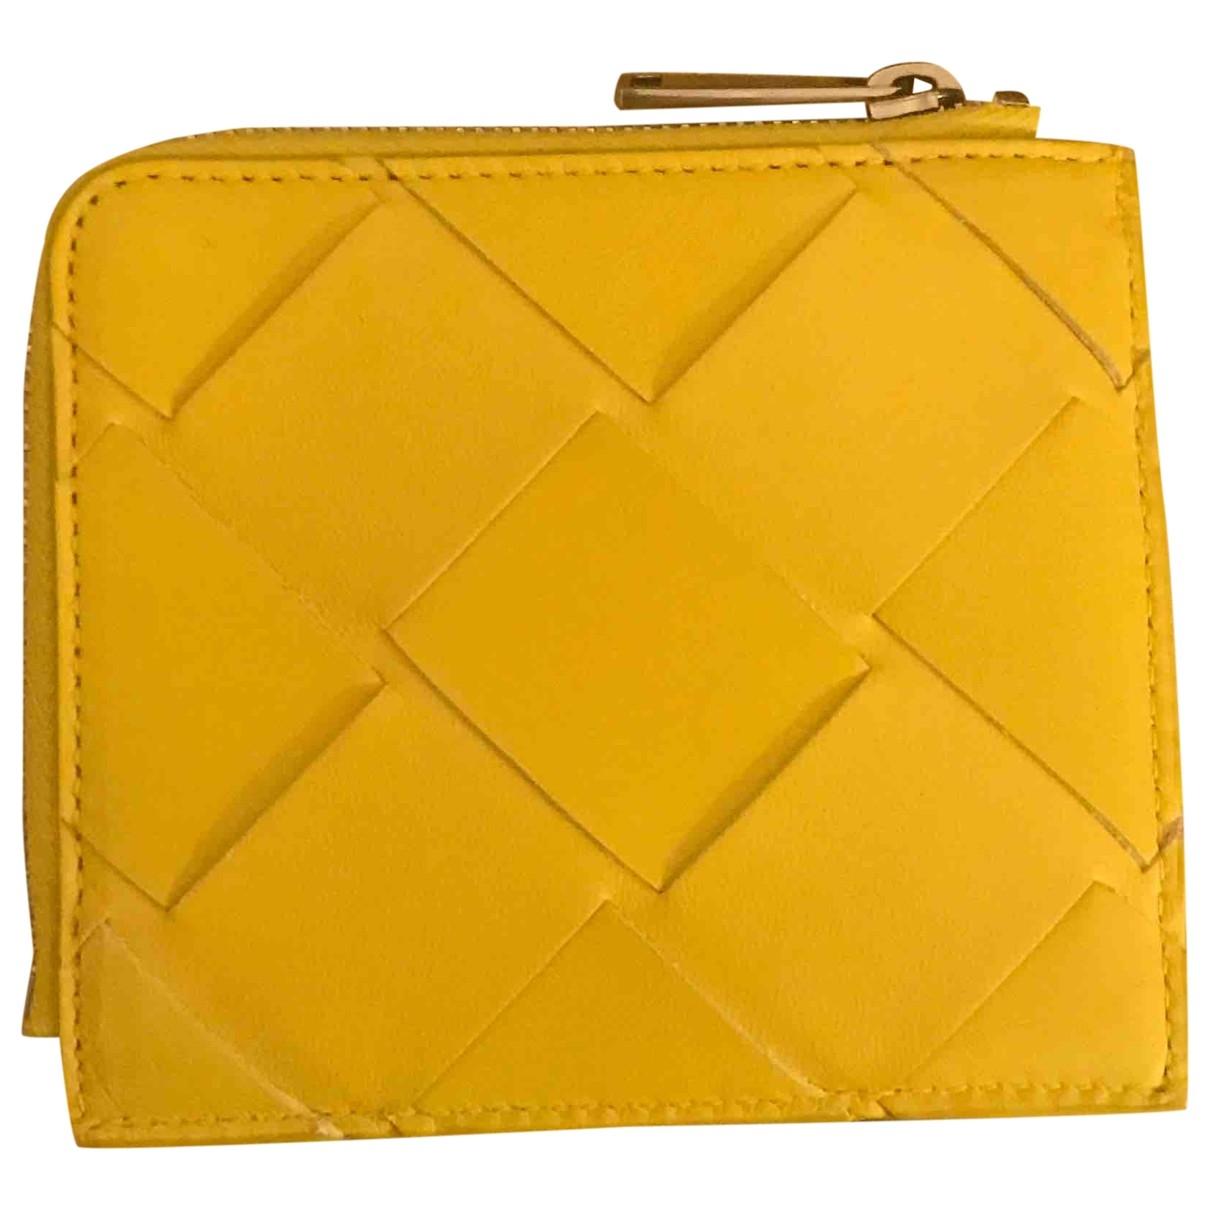 Bottega Veneta - Petite maroquinerie   pour homme en cuir - jaune